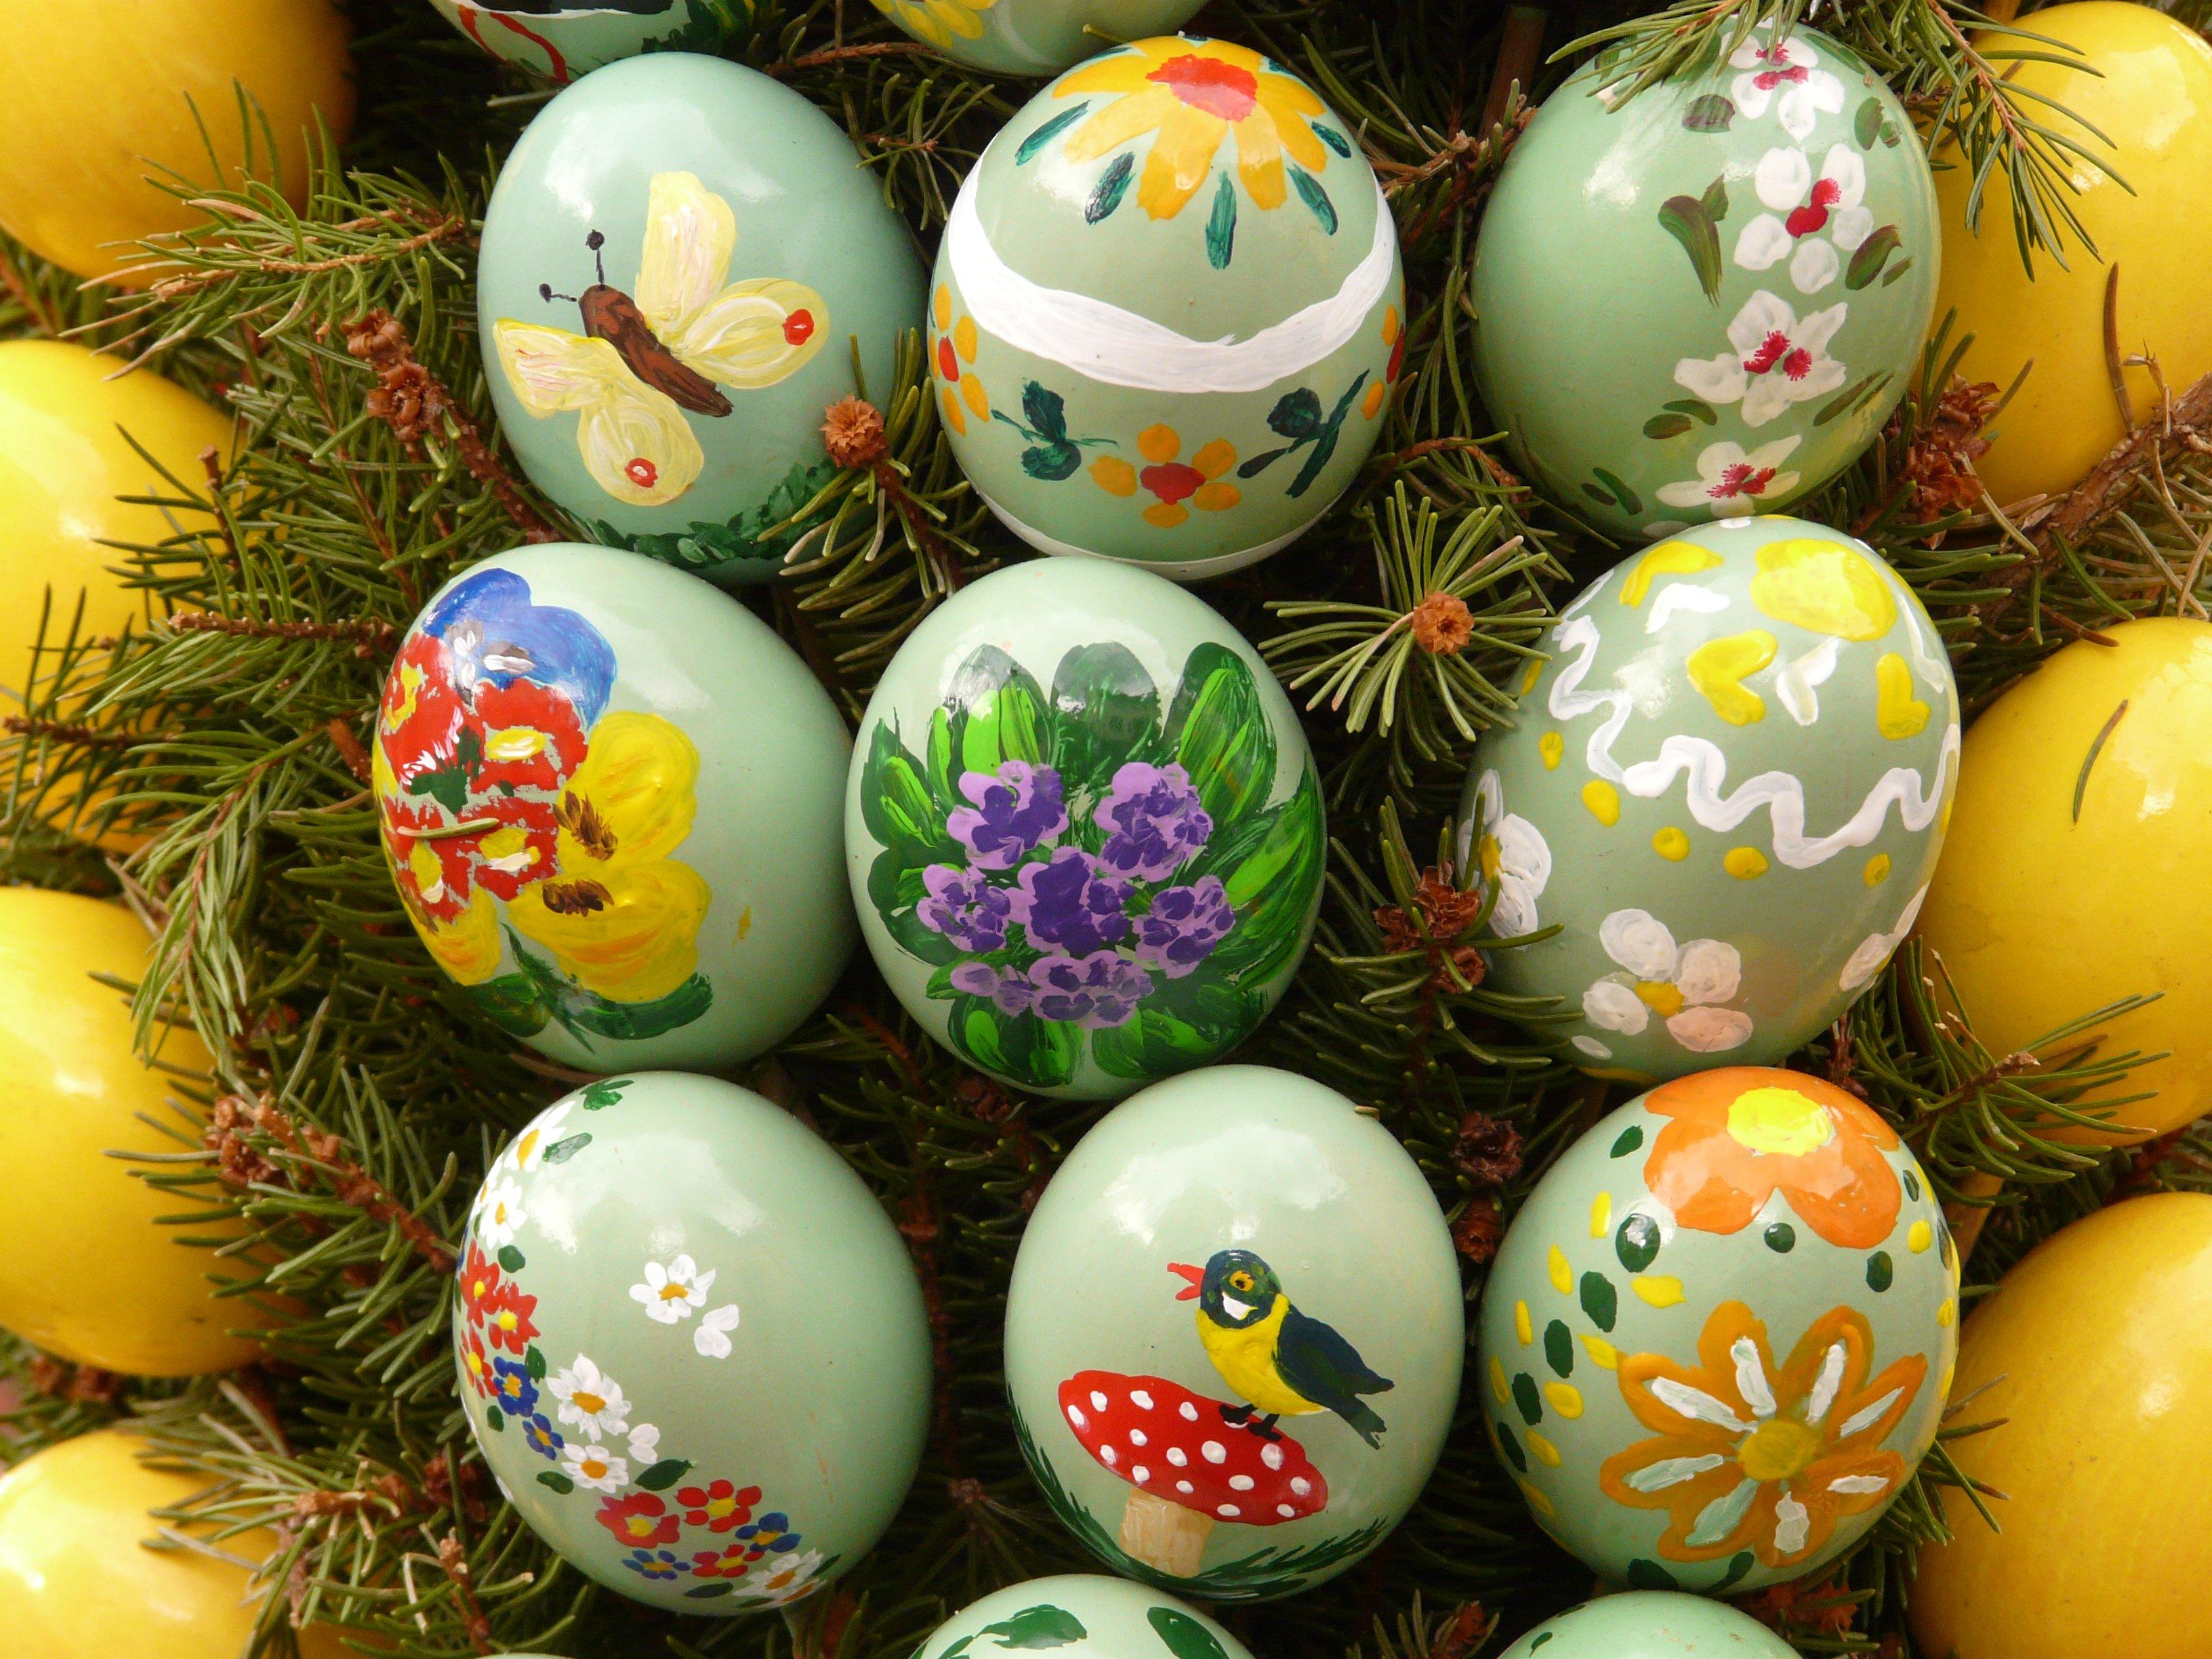 Fotoğraf Gıda Renk Tatil Boya Renkli Yumurta Boyama Yılbaşı